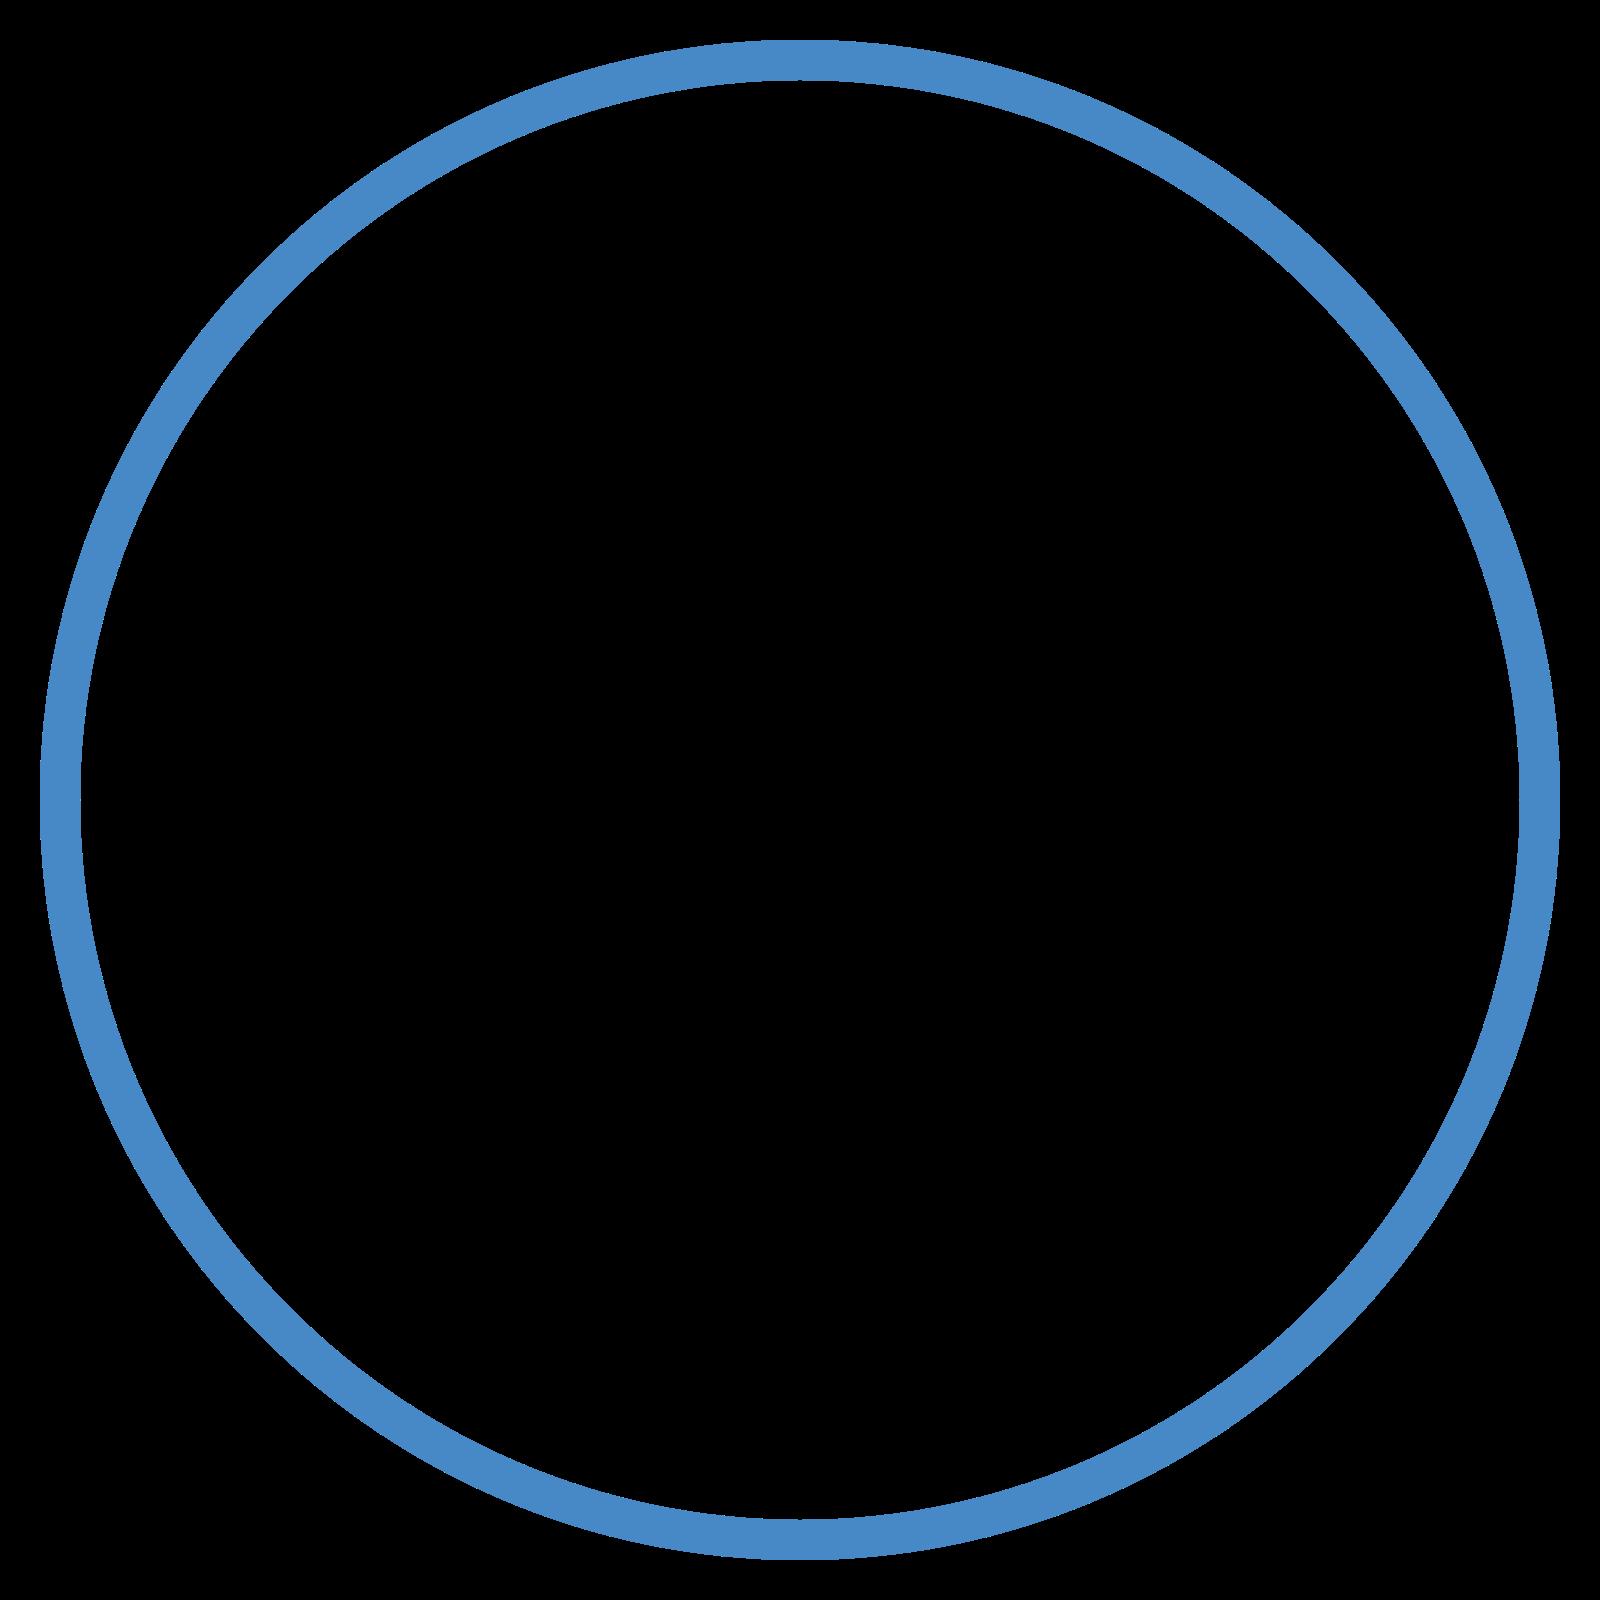 細い線の丸で囲まれた icon